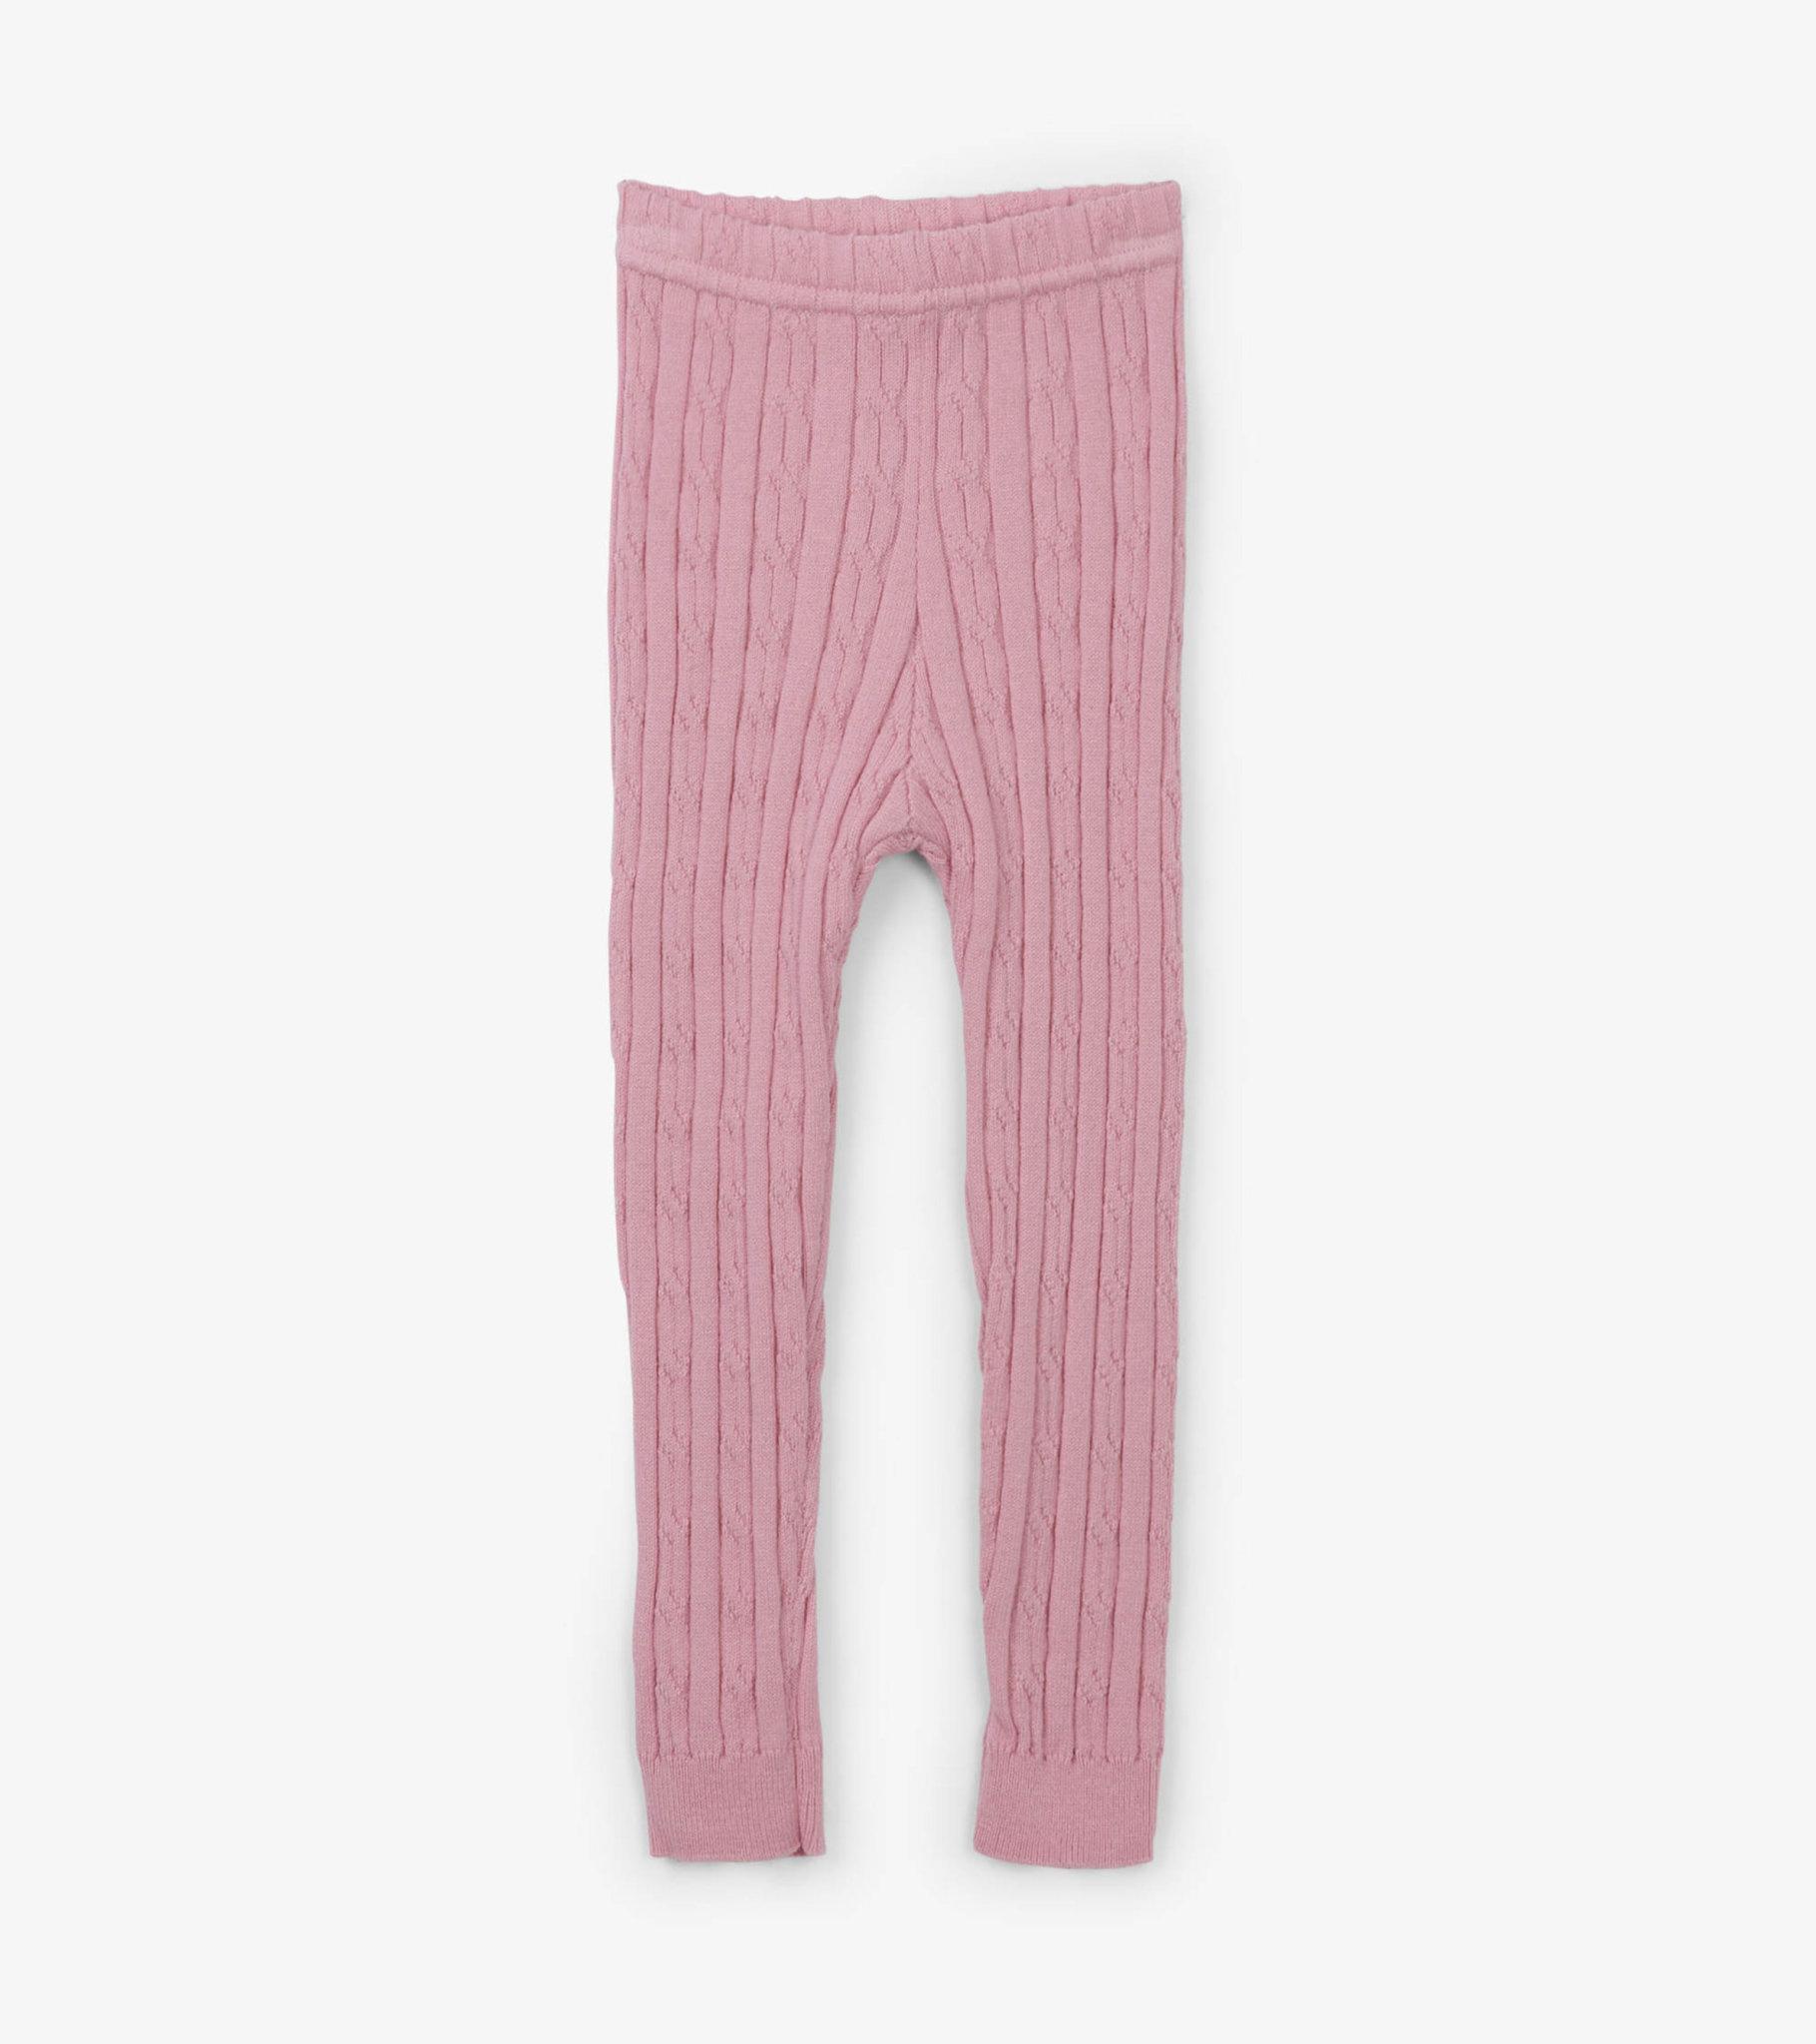 Hatley Hatley  Knit Leggings